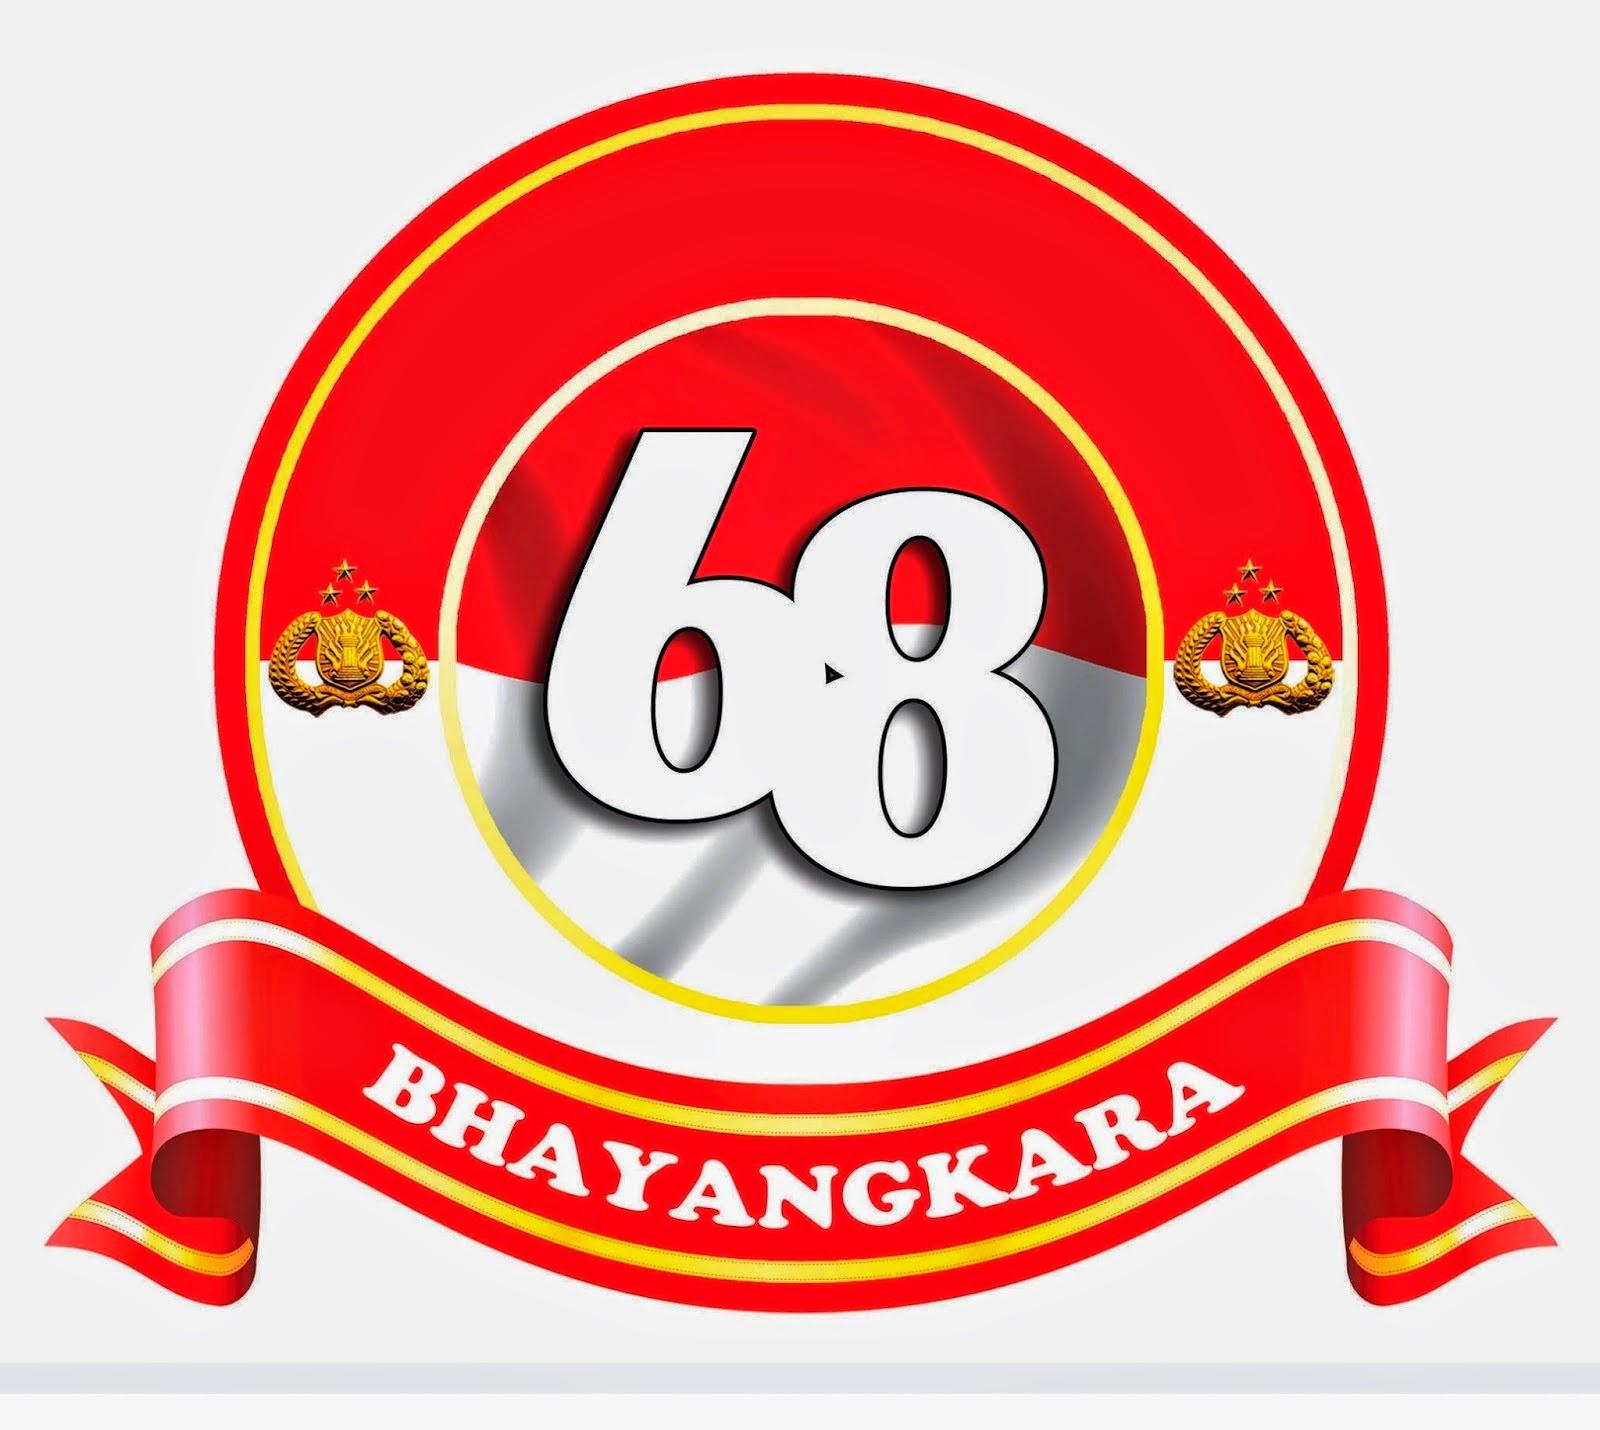 Hut Pj: LOGO HUT BHAYANGKARA 68